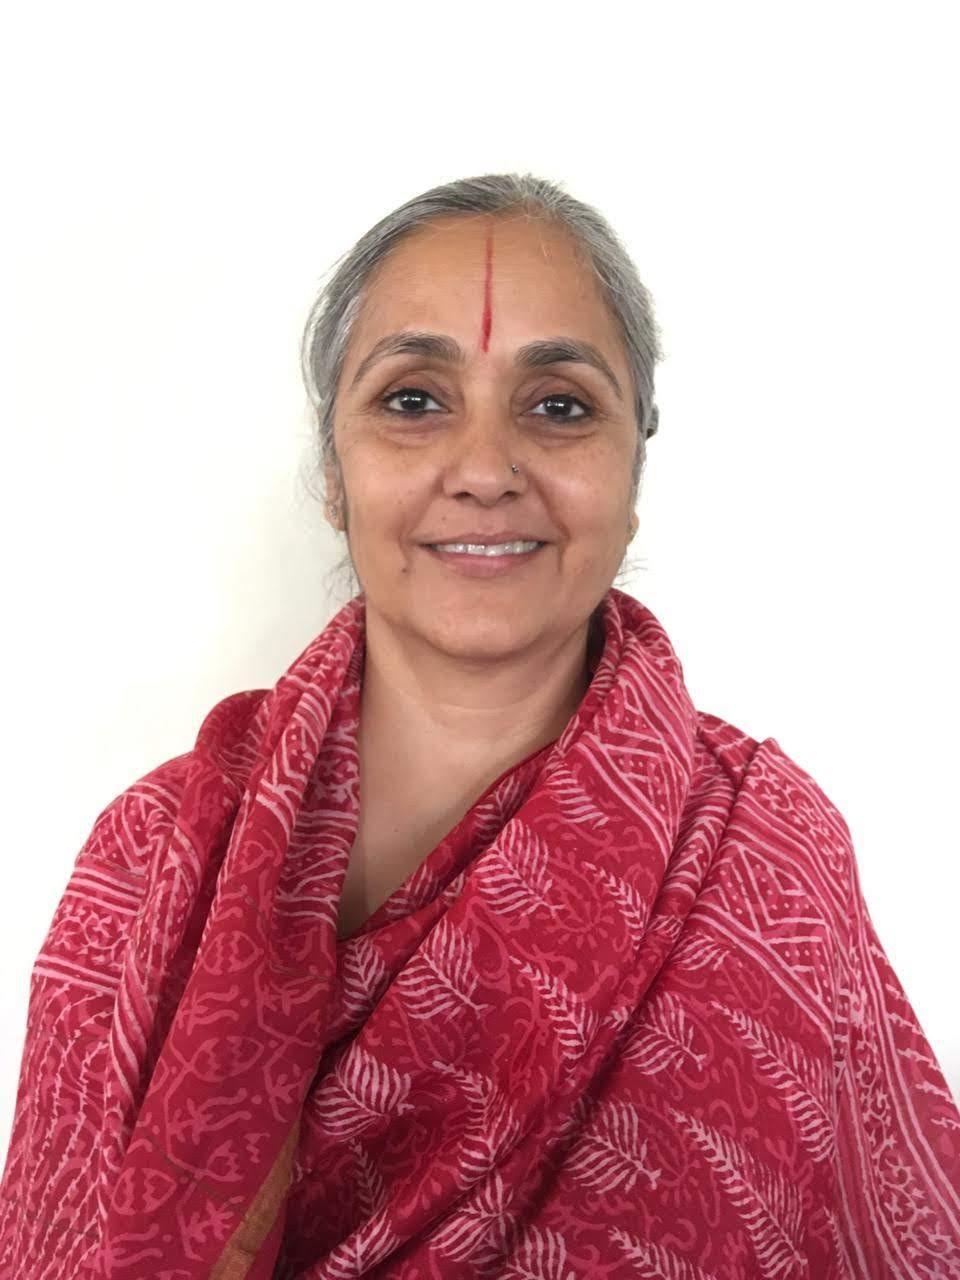 Meenakshy Singh